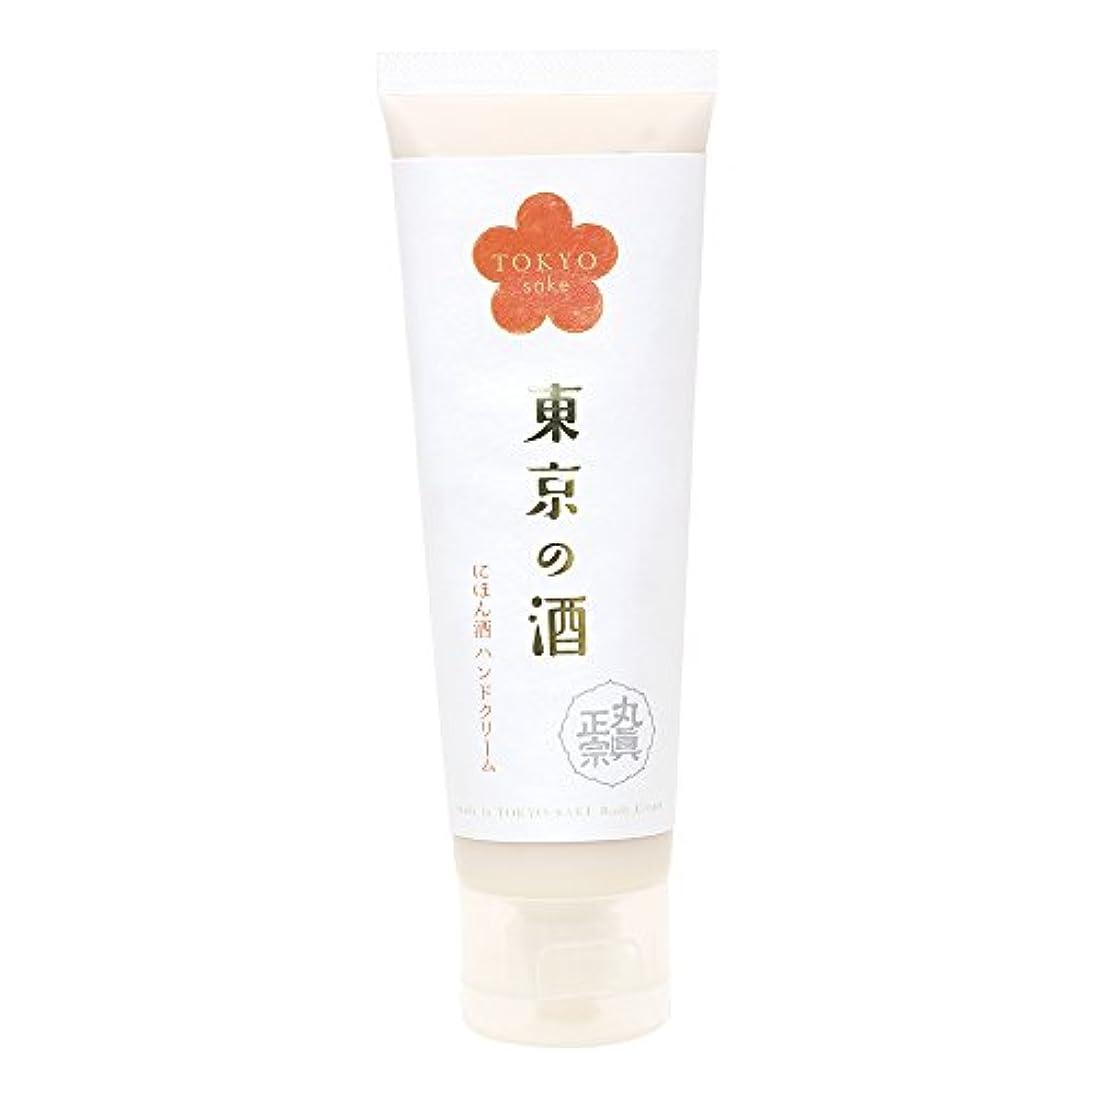 未満目立つスマッシュノルコーポレーション 東京の酒 ハンドクリーム OB-TKY-2-1 65~70g